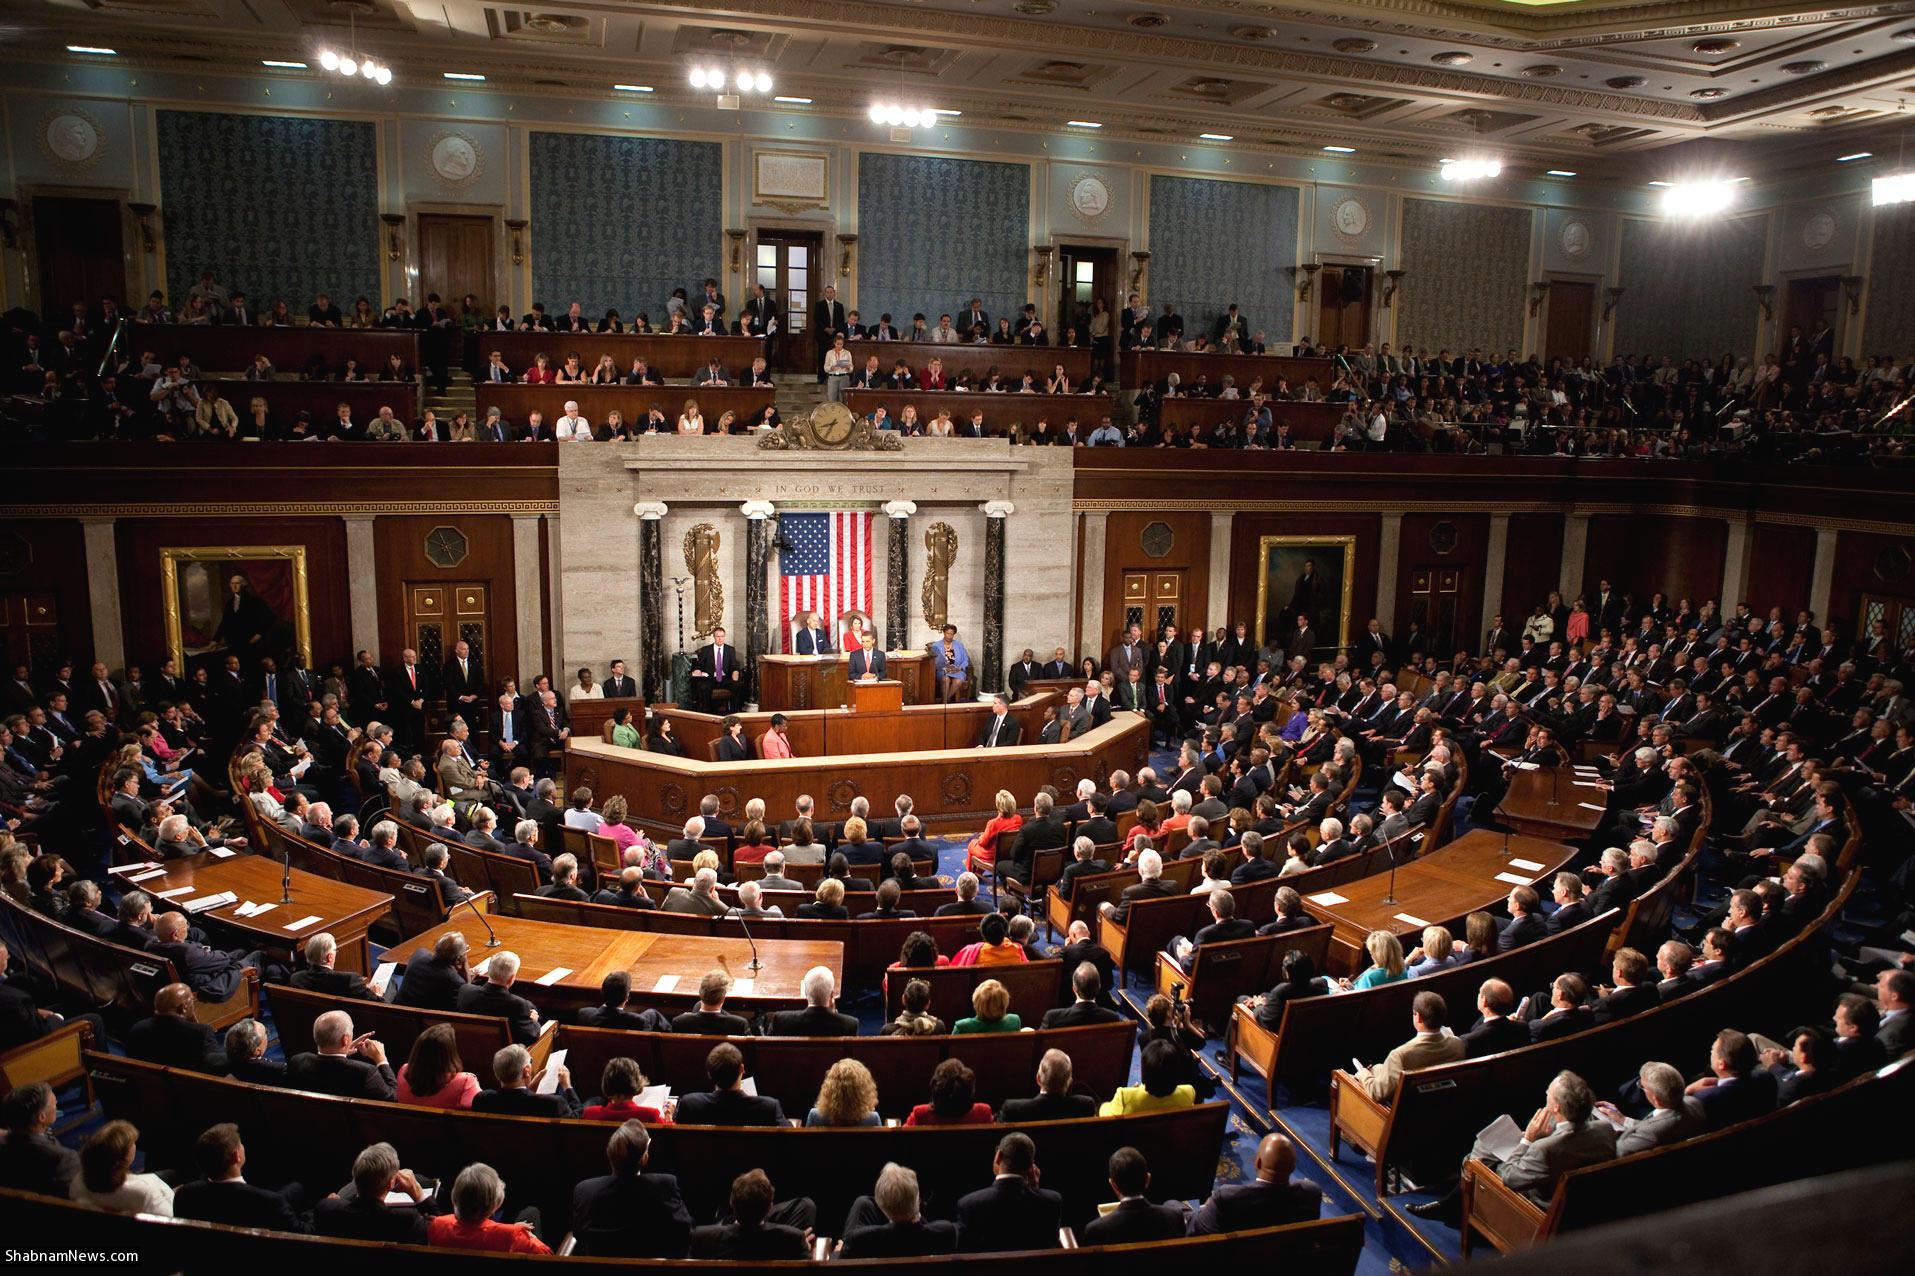 وسوسه تحریم ایران در کنگره آمریکا